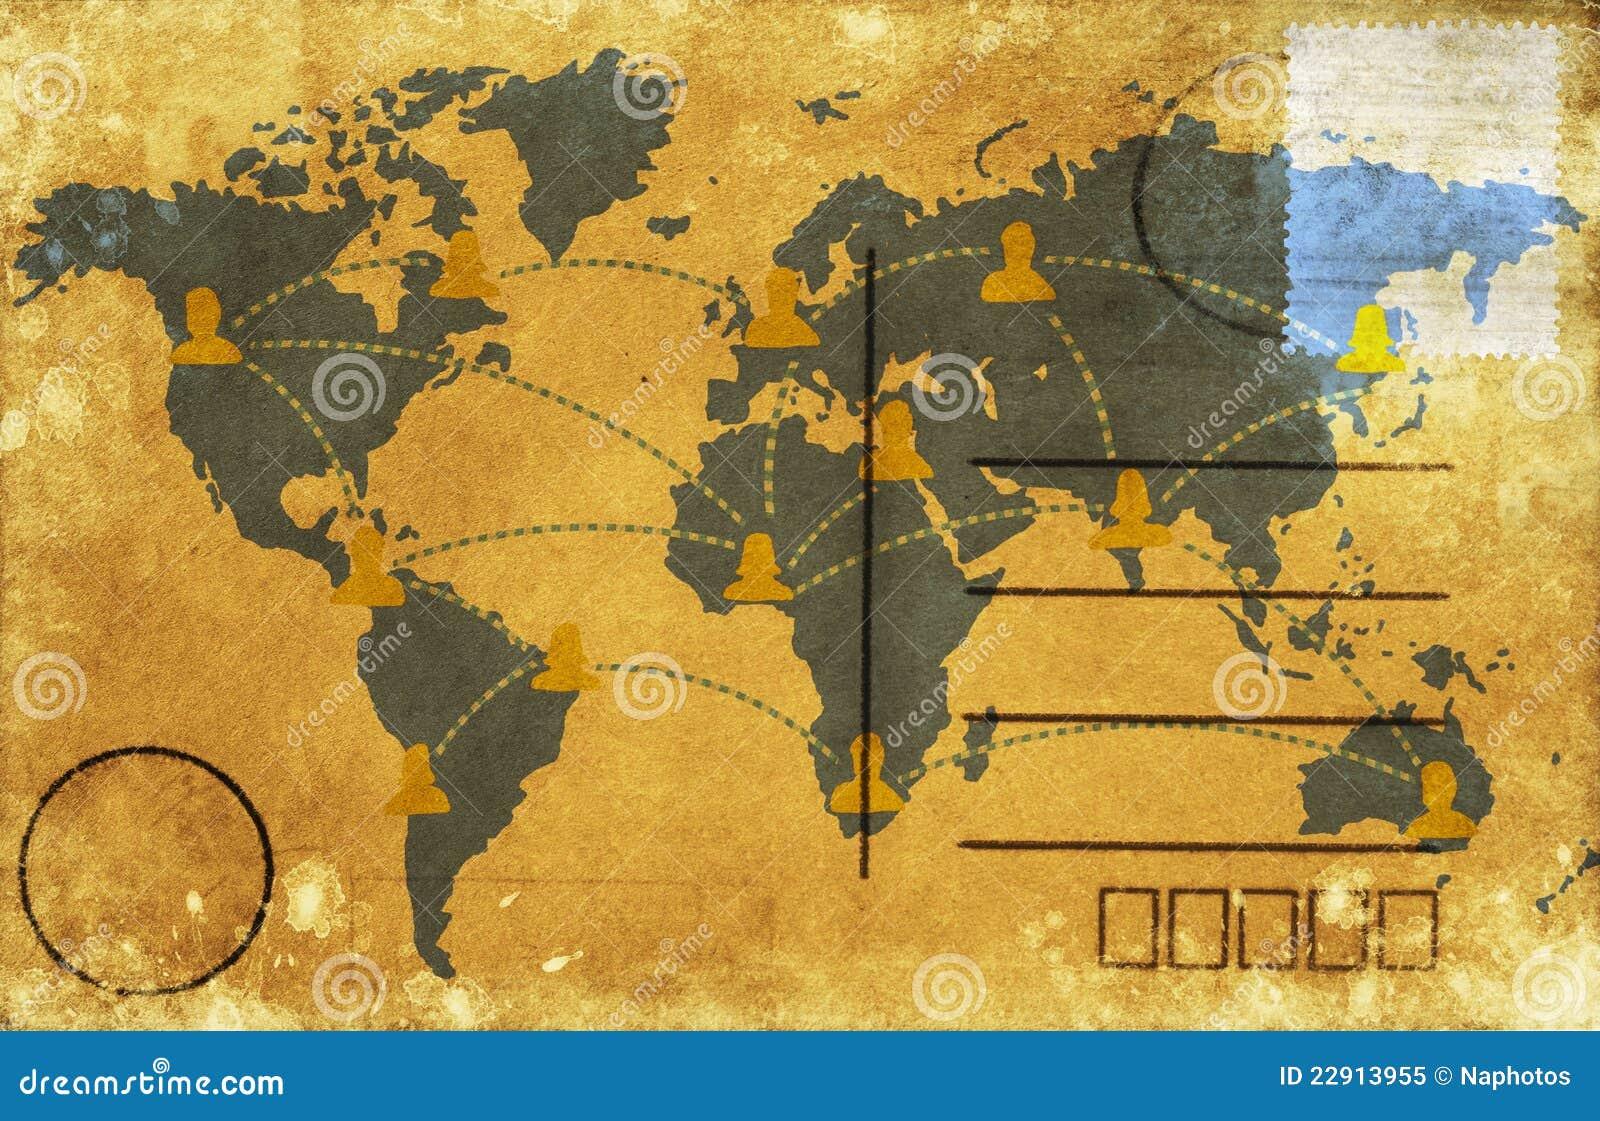 carte postale de carte du monde illustration stock illustration du ge grunge 22913955. Black Bedroom Furniture Sets. Home Design Ideas